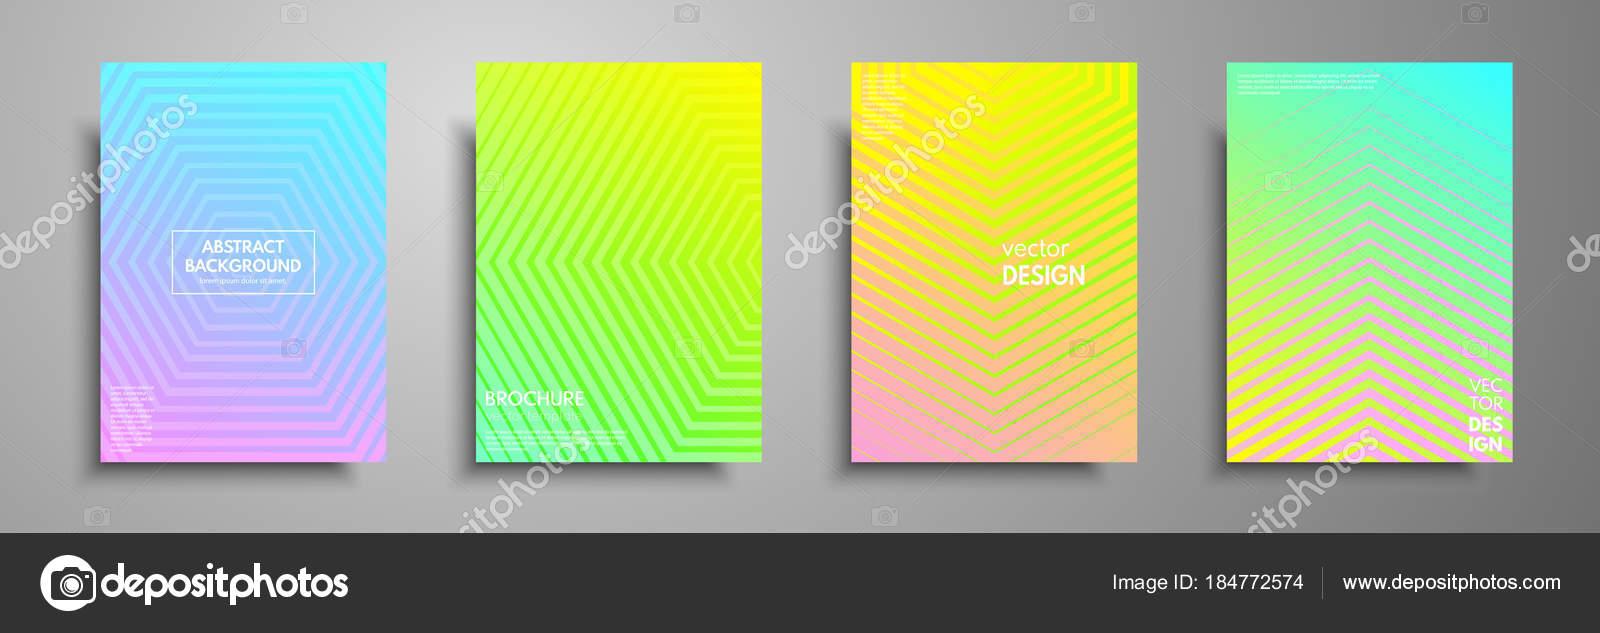 Bunte Plakat-Vorlagen mit grafischen geometrischen Elementen ...